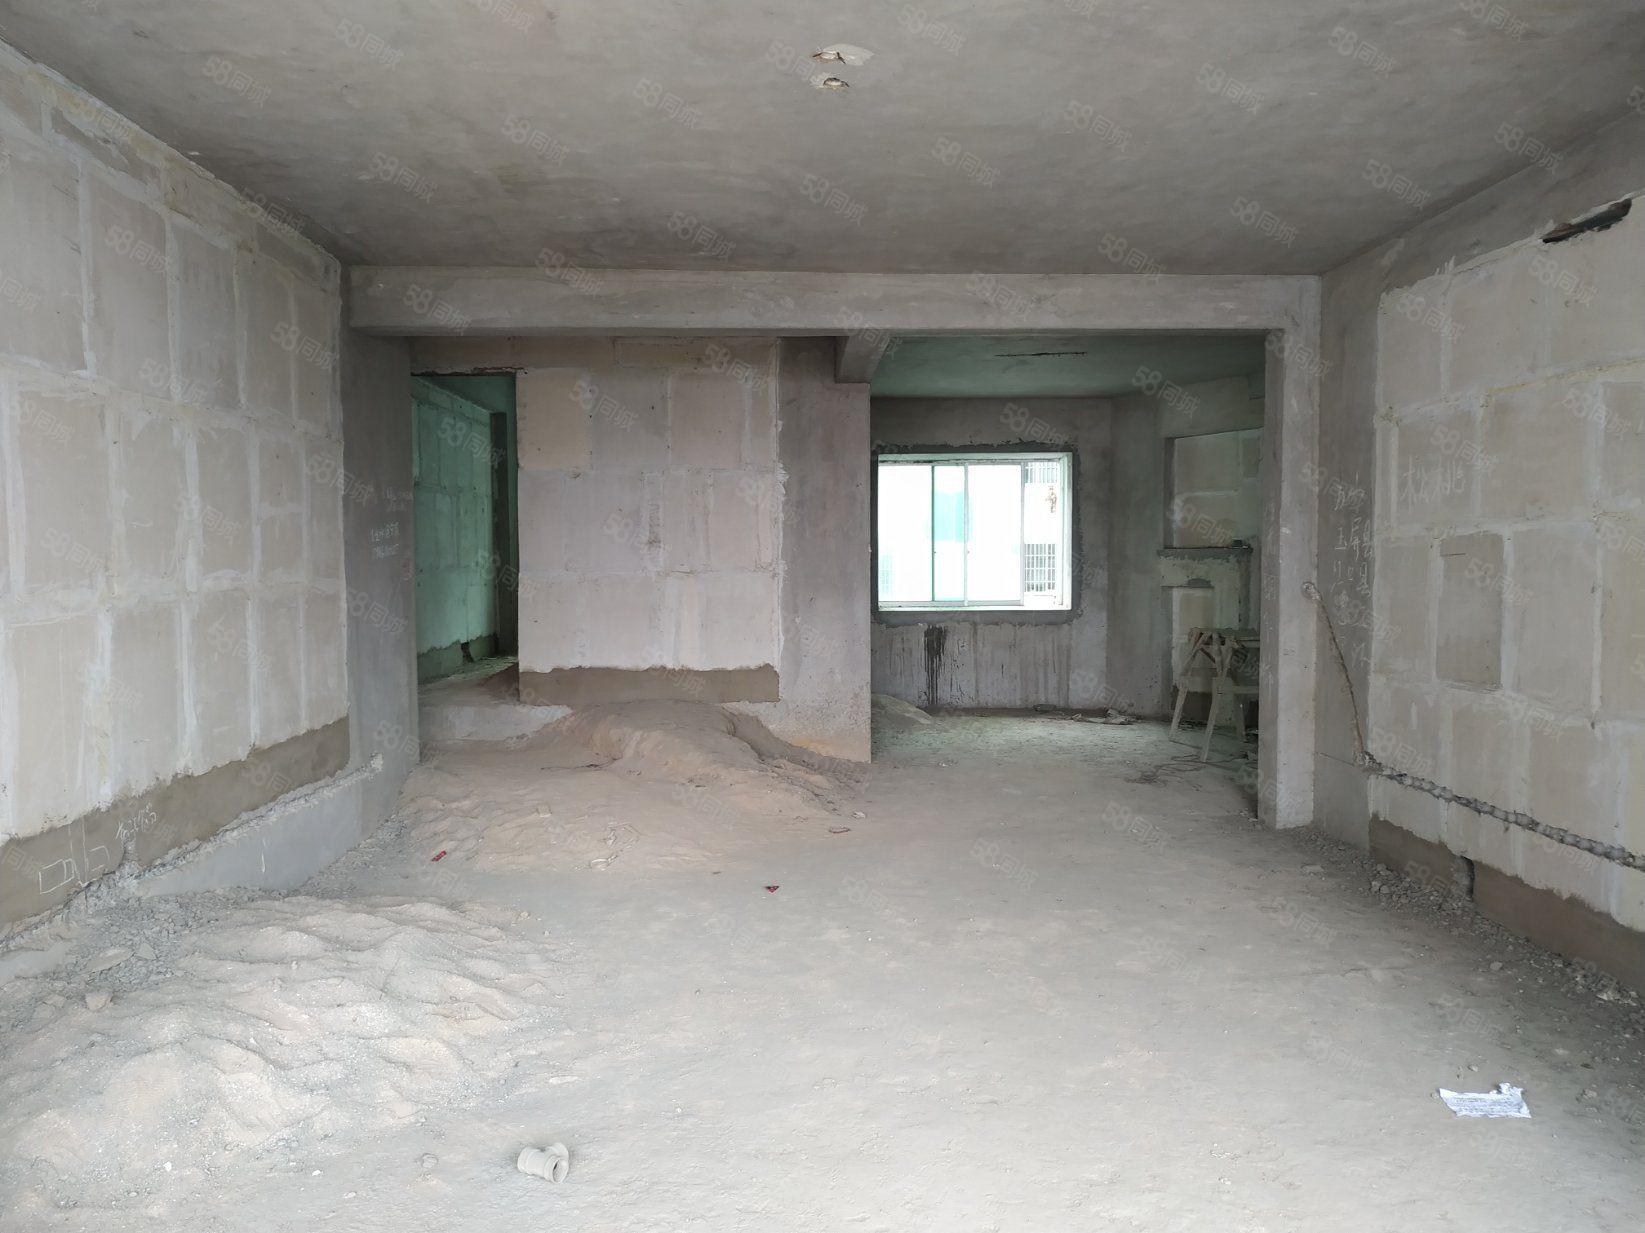 喻家坪小区电梯房,一线江景房,慢手无